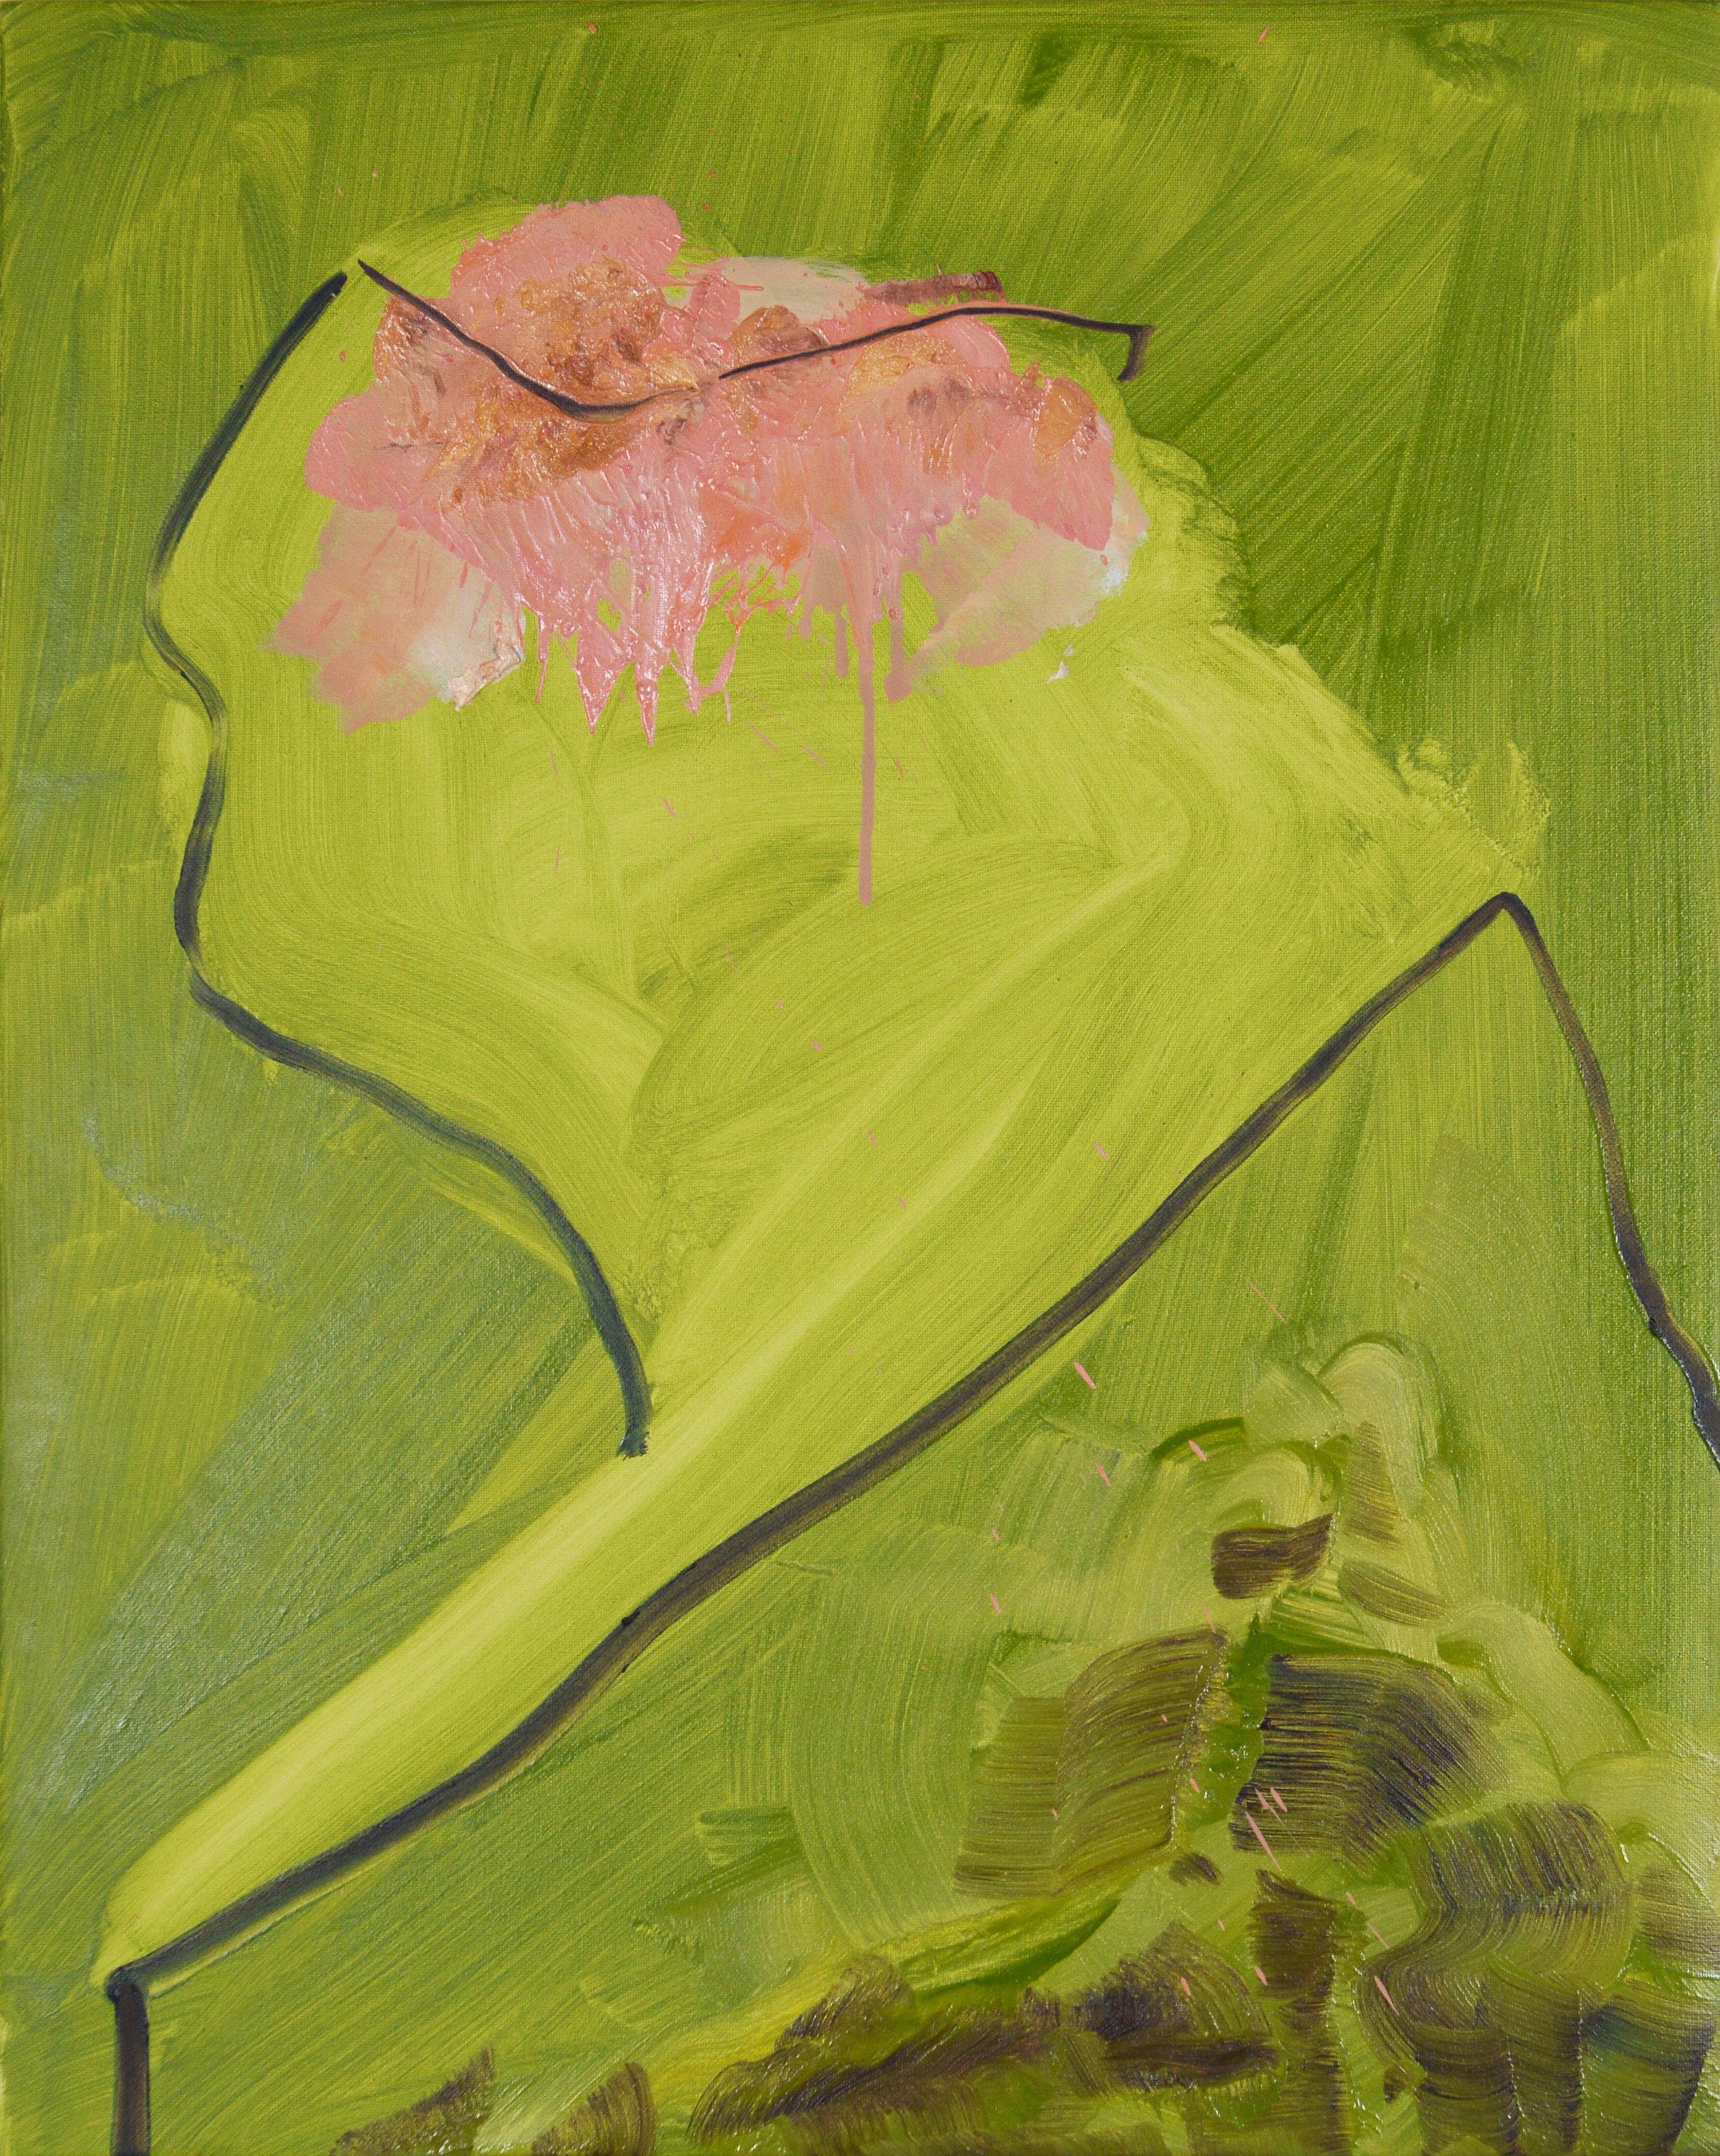 Bust, 2013, Oil on canvas, 50 x 40 cm